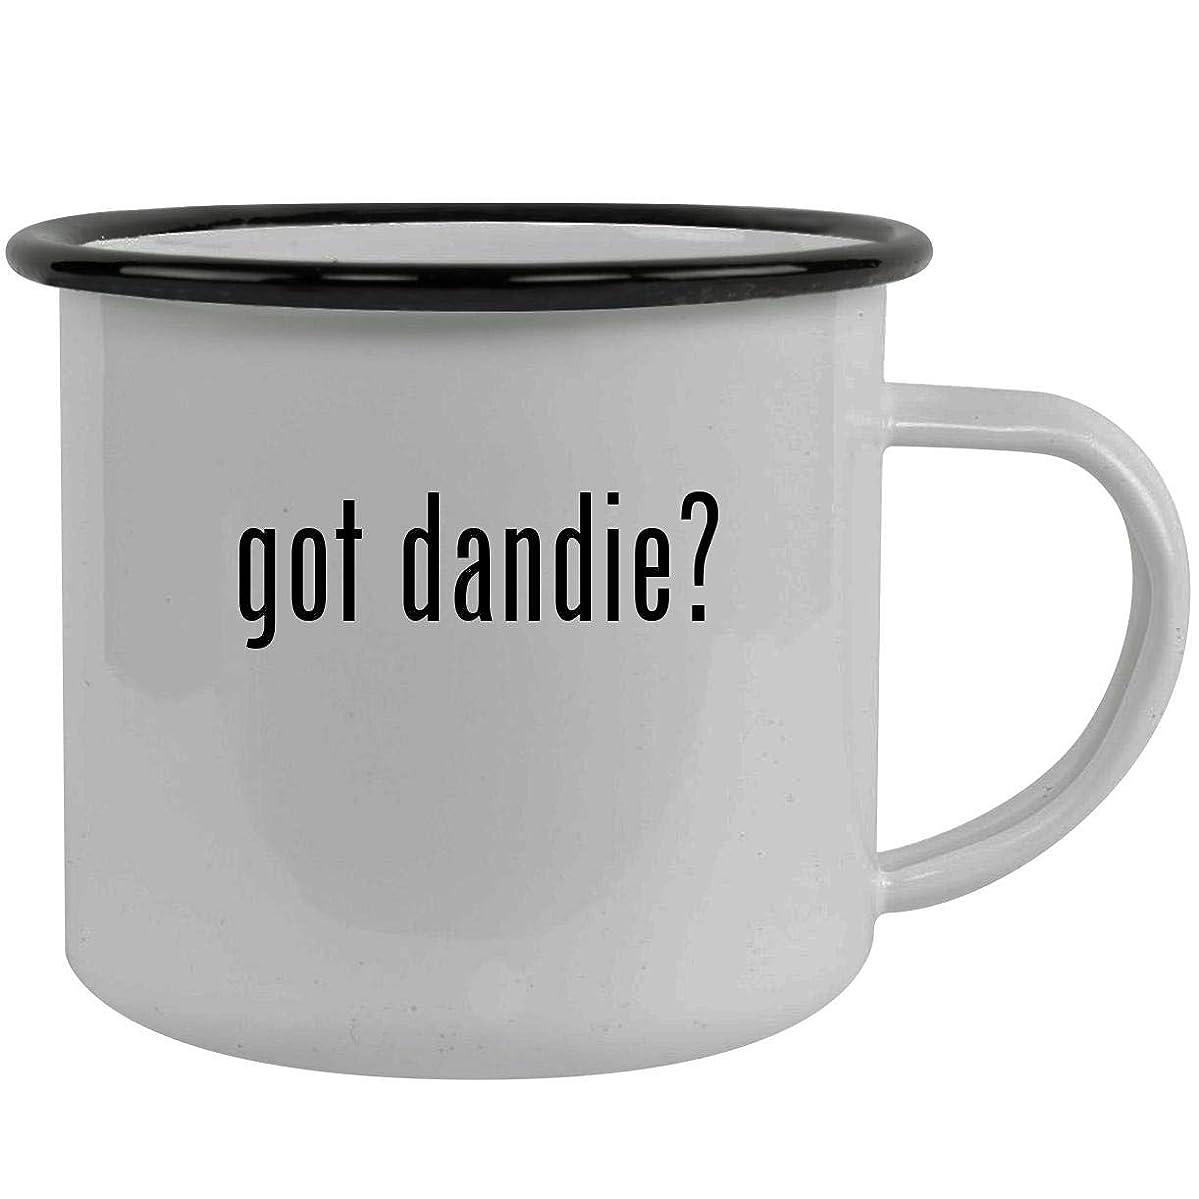 got dandie? - Stainless Steel 12oz Camping Mug, Black